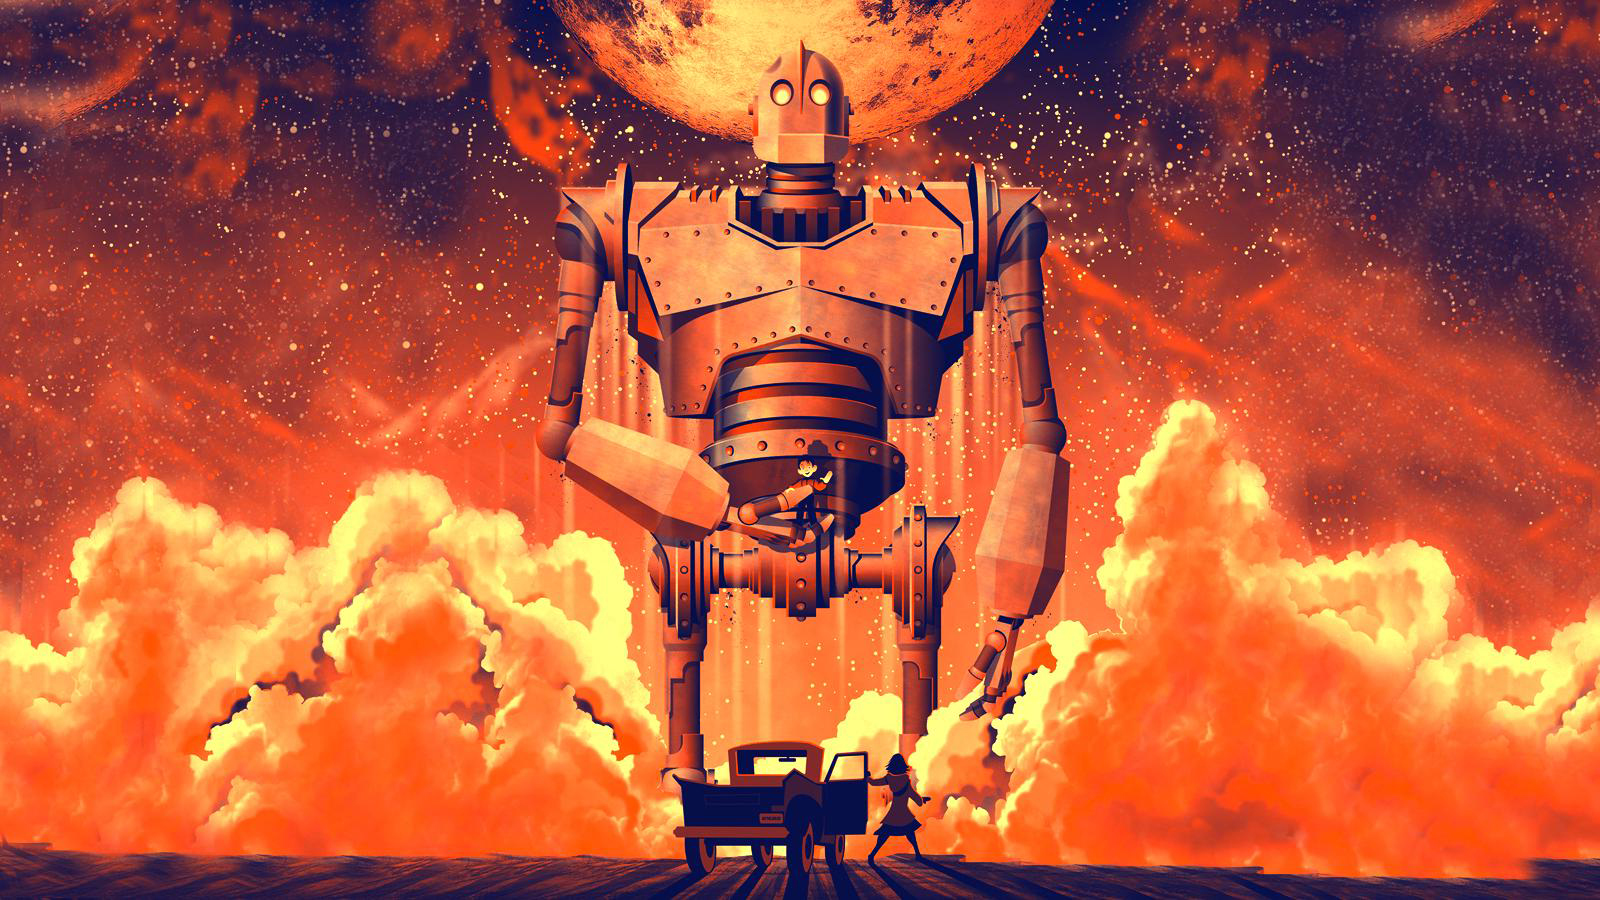 Il gigante di ferro che decise di essere piuma u outcast